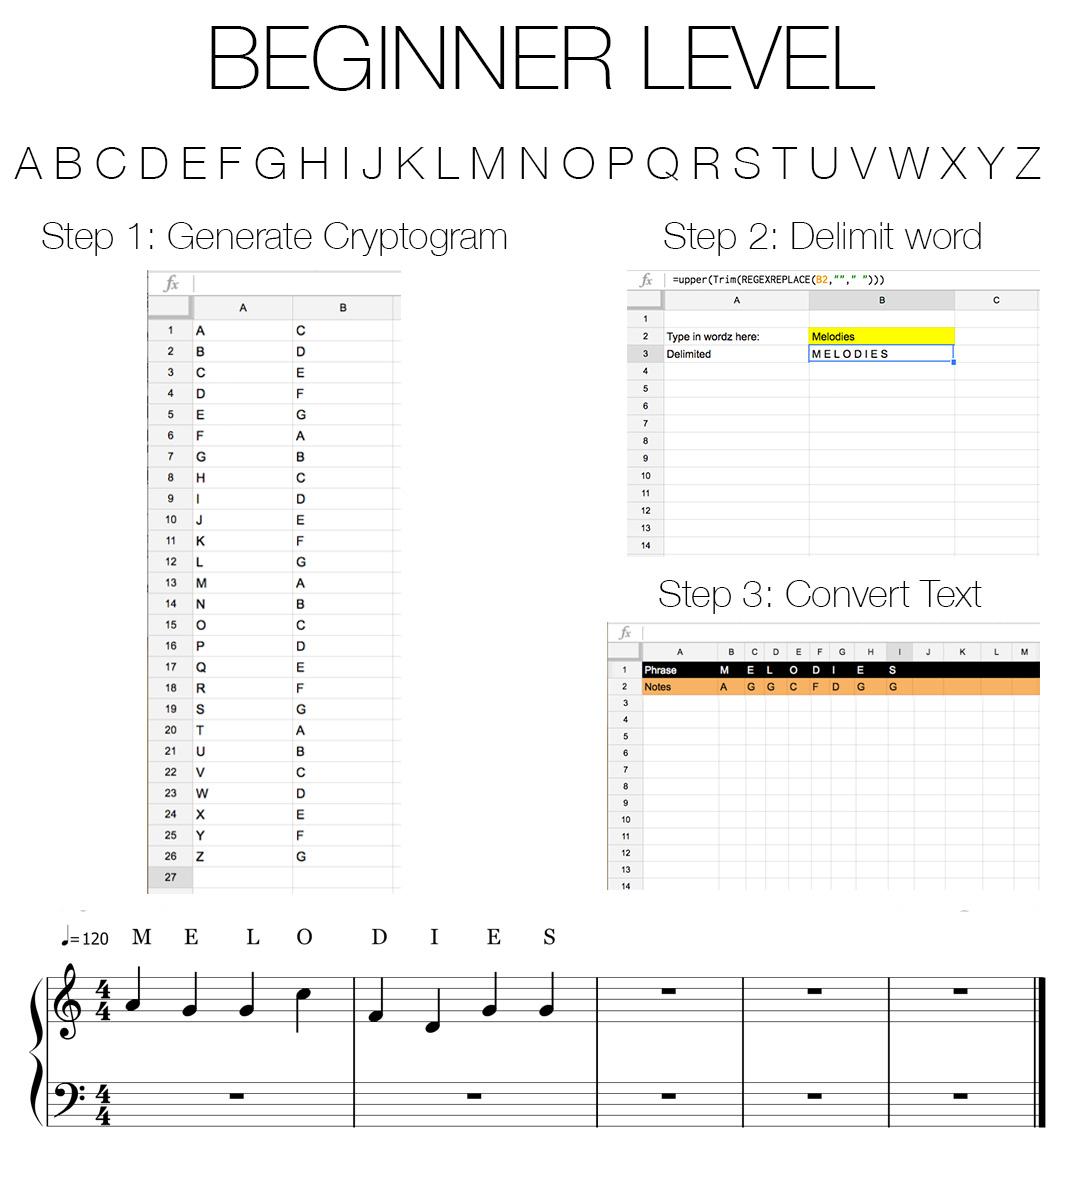 Beginner_Cipher.jpg